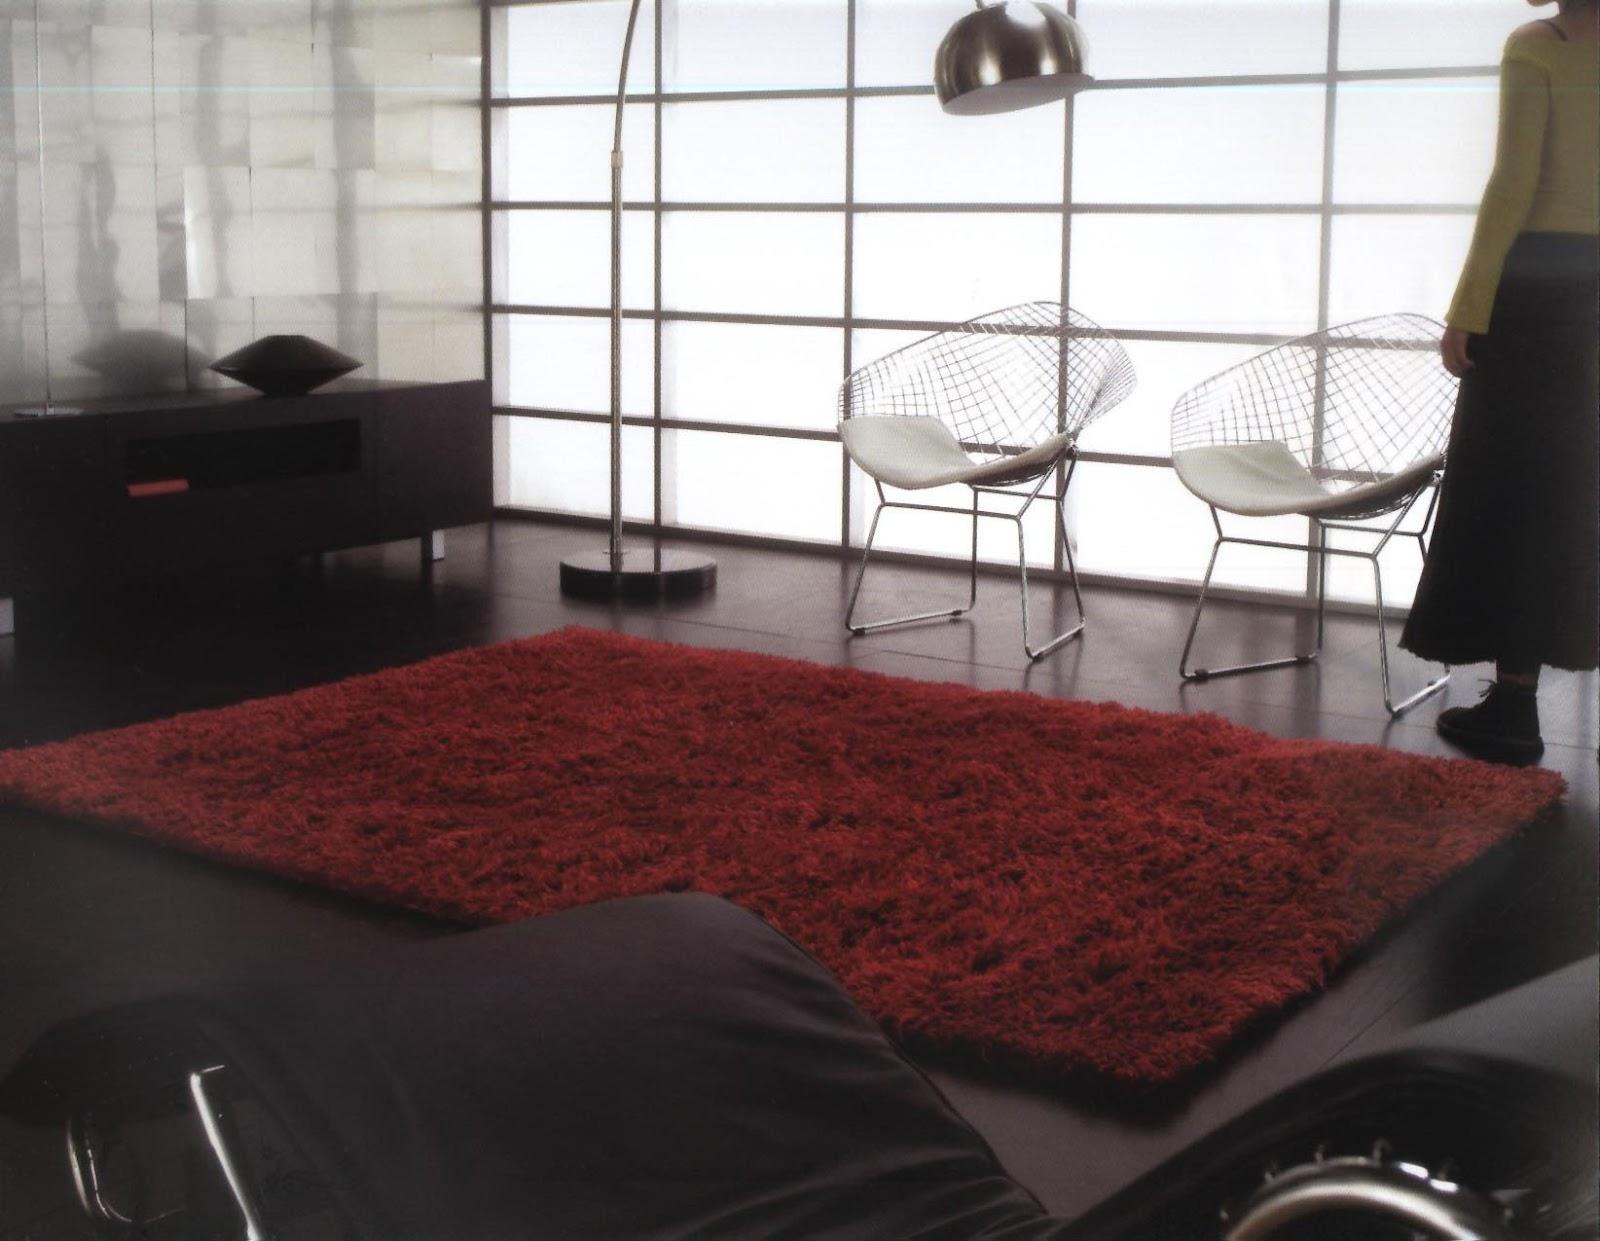 Decoracion mfg carving alfombras actuales - Carving alfombras ...